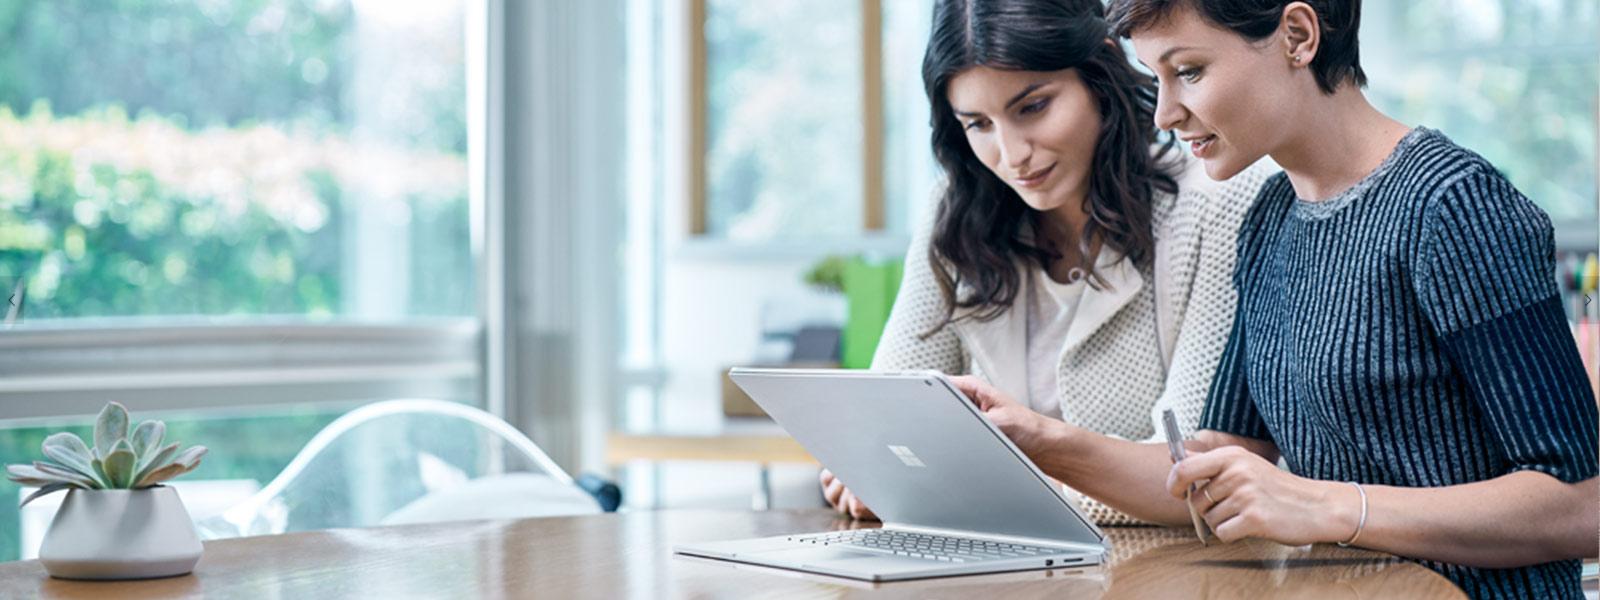 Femme utilisant le stylet Surface pour dessiner sur l'écran Surface Studio tout en zoomant avec son autre main